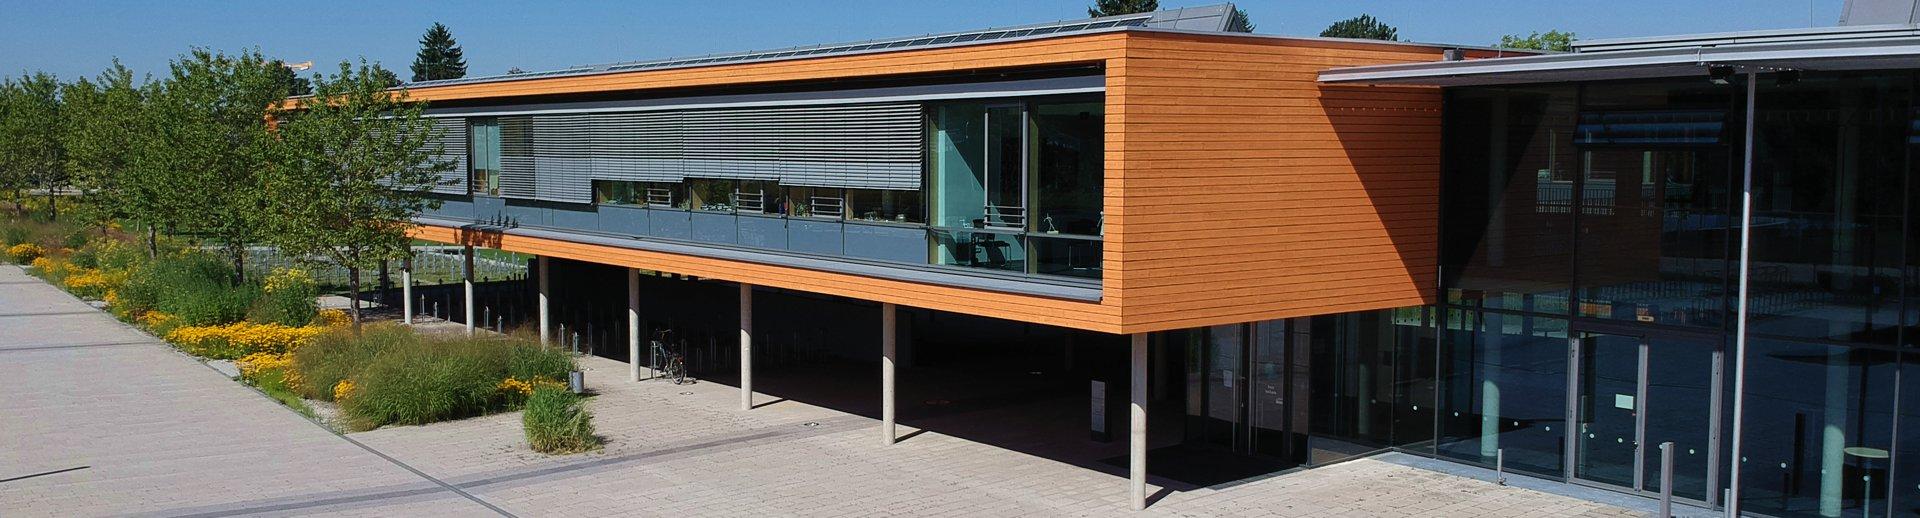 Berufliche Oberschule Fürstenfeldbruck